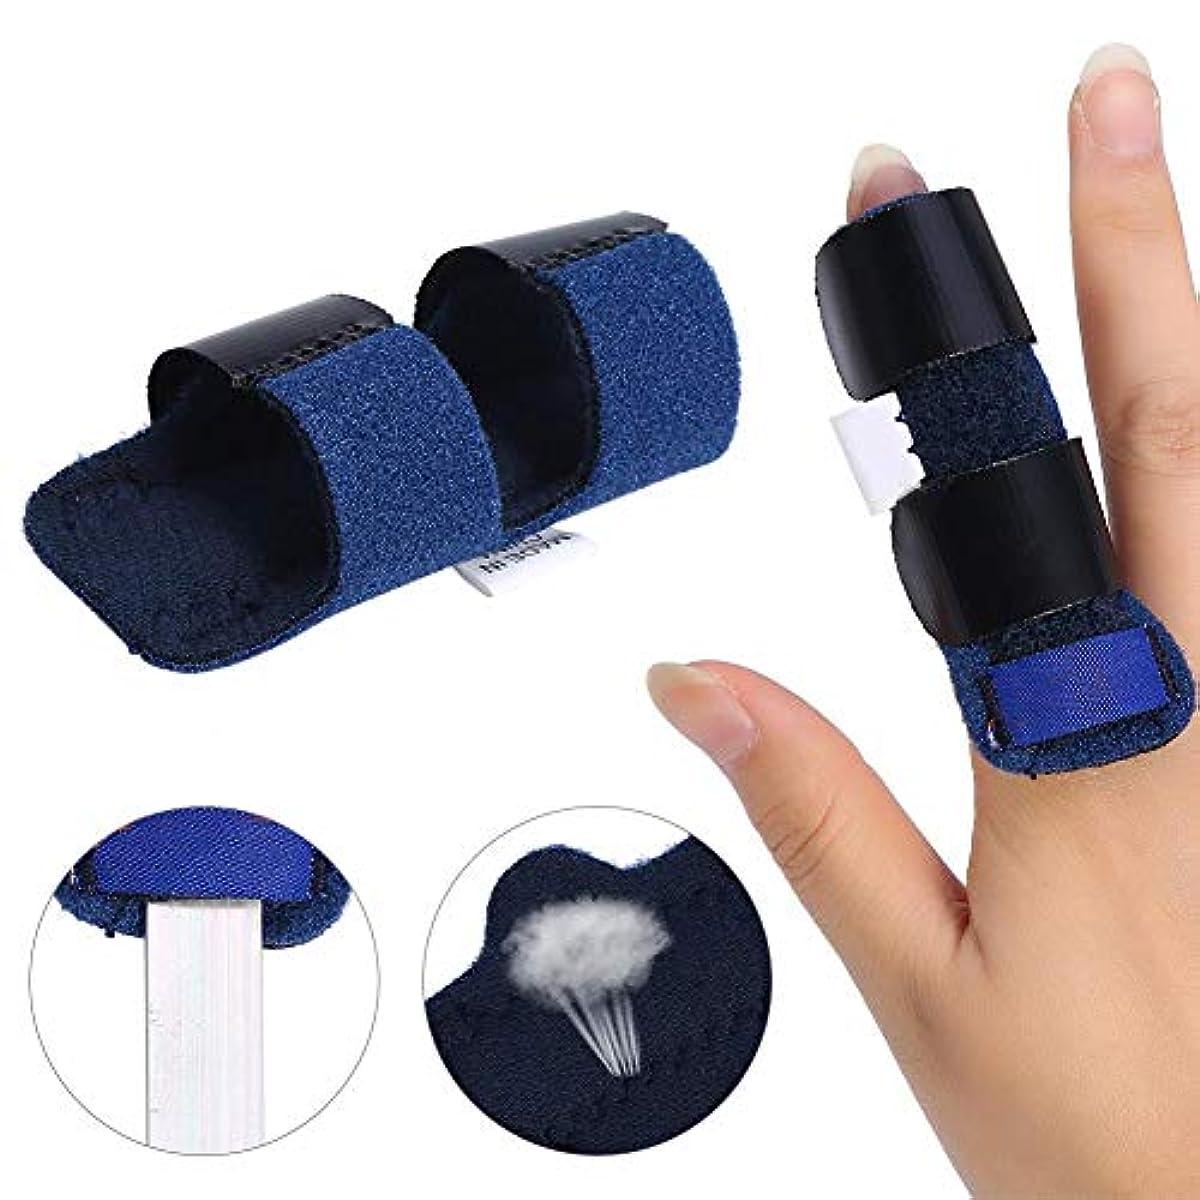 スペイン語パノラマ歴史指の副木、調整可能なトリガー指の固定副木矯正ブレースコレクターサポート指のひび割れのための痛みの緩和リリースナックルと指の骨折の固定